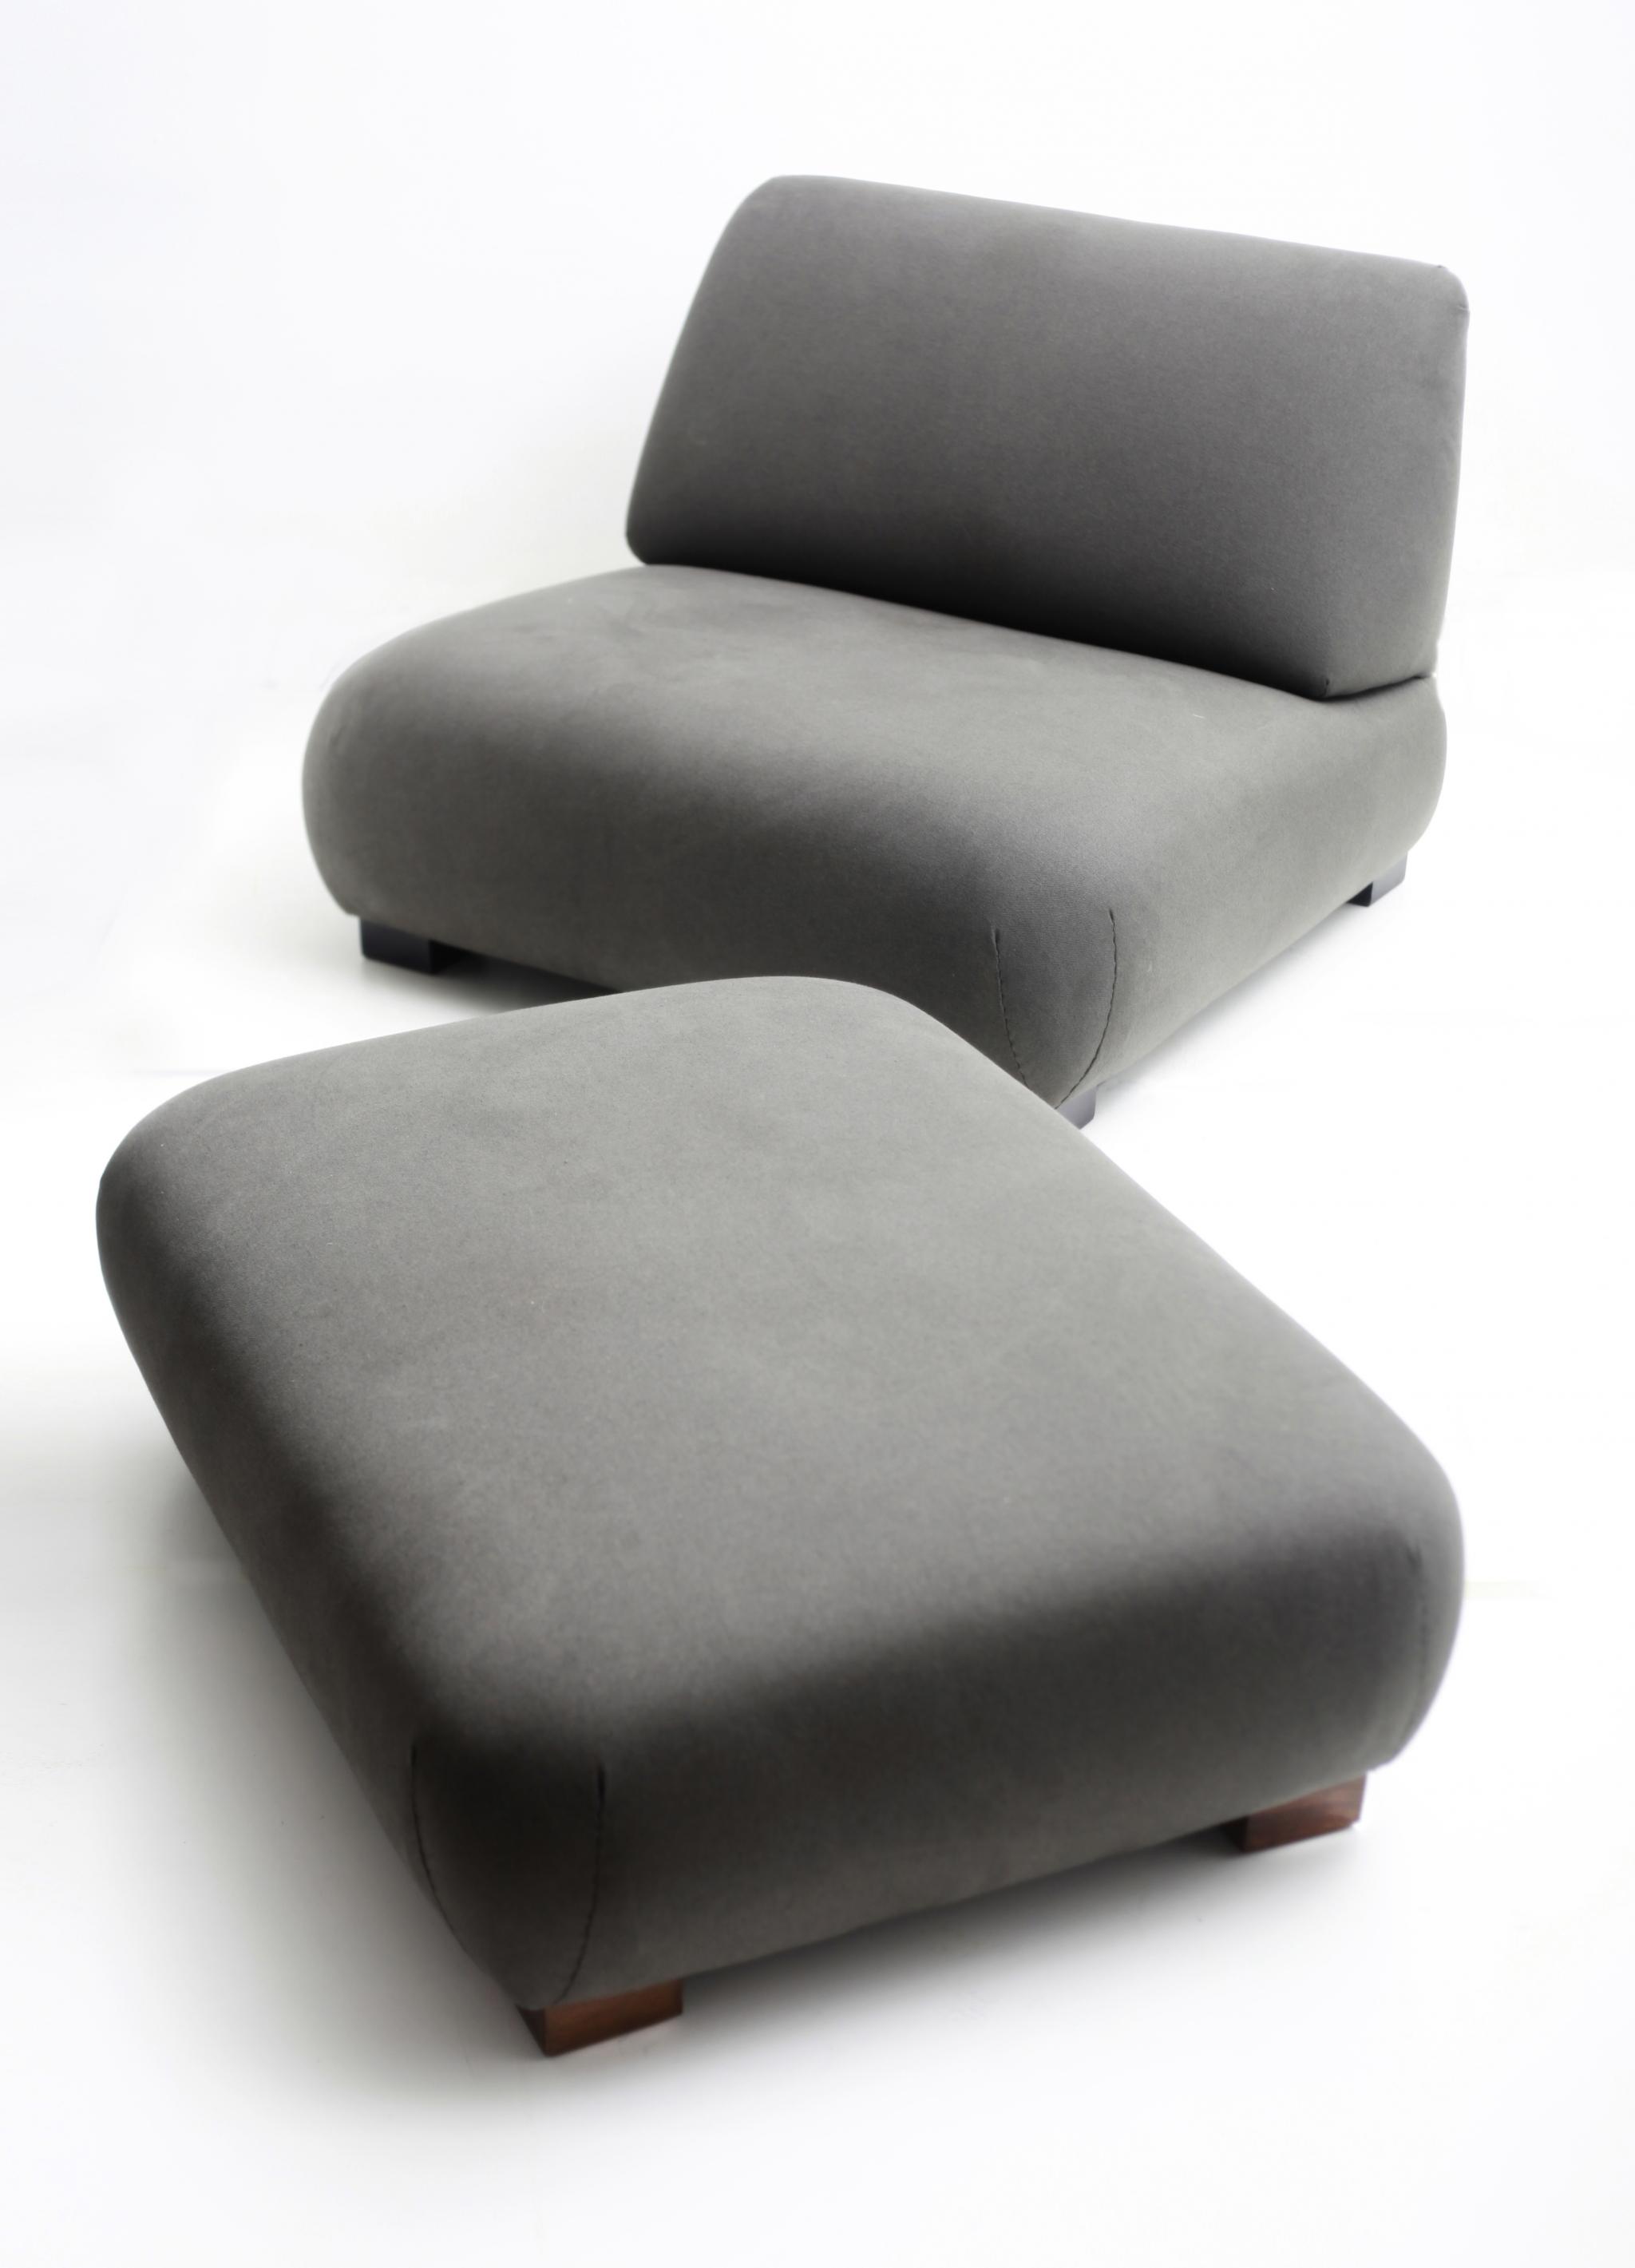 Mobiliario: muebles de interior Santa & Cole